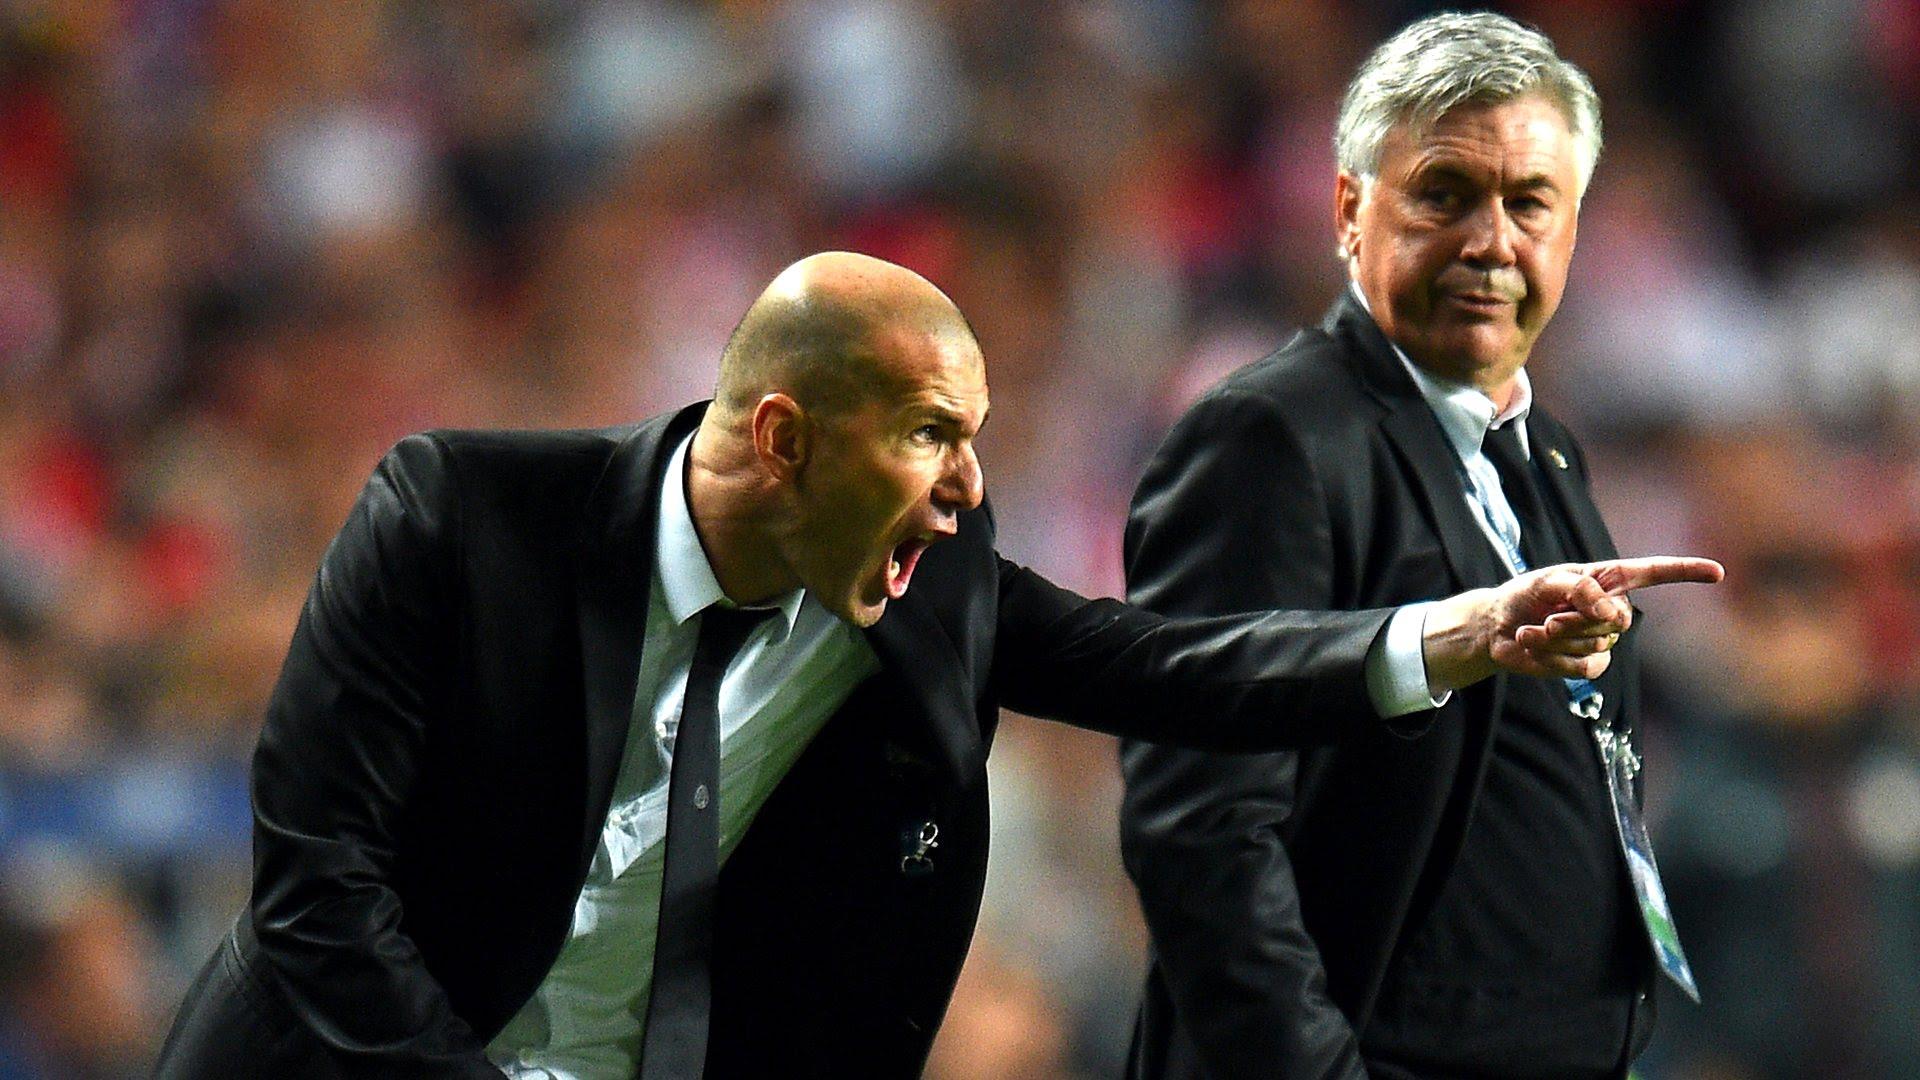 Zinedine Zidane For Desktop